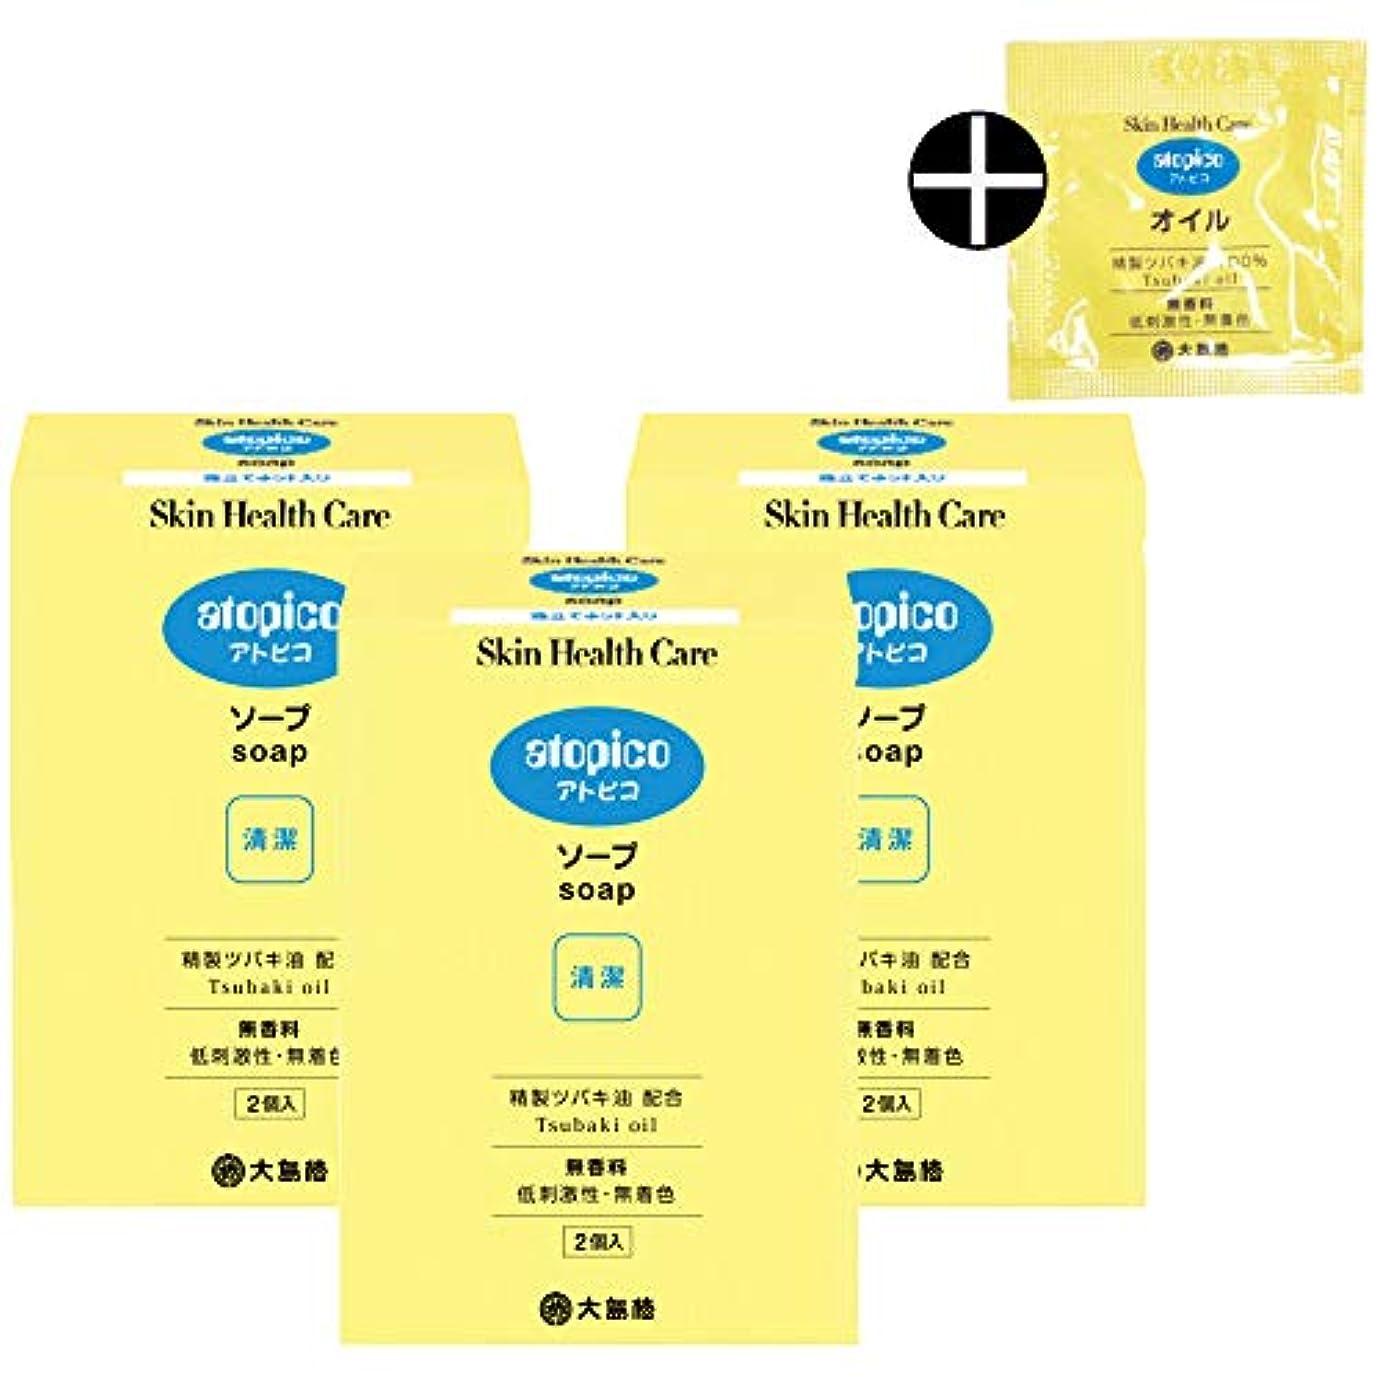 スナップボタン胚【公式】大島椿 アトピコ スキンヘルスケア ソープ 70g2個入×3箱 サンプル付セット